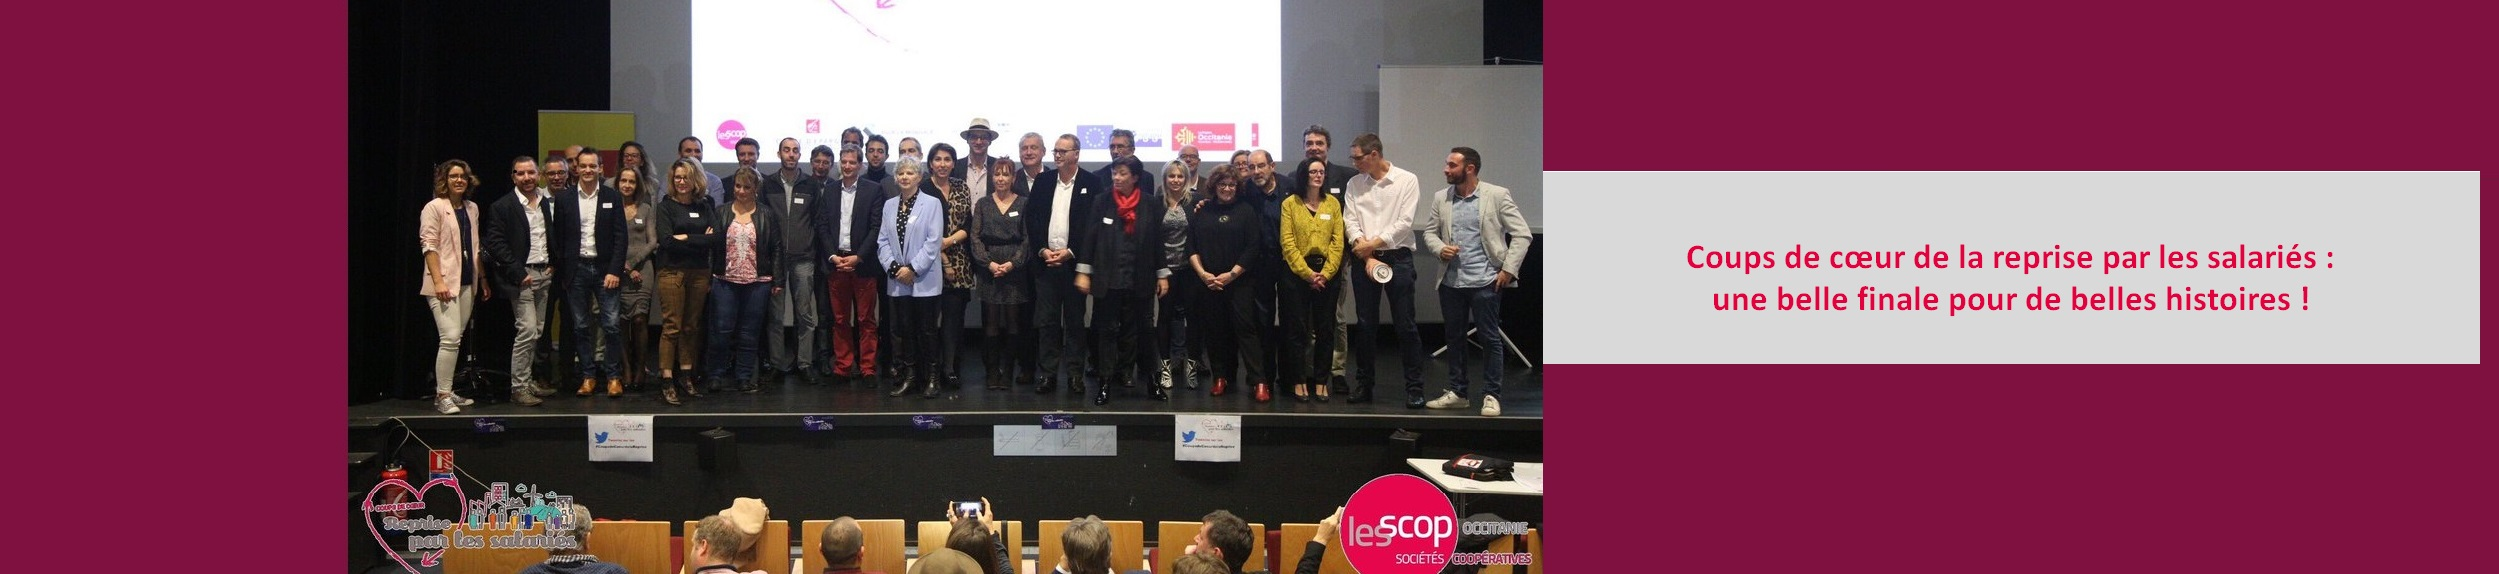 concours urscop occitanie coups de coeur 2018 bandeau